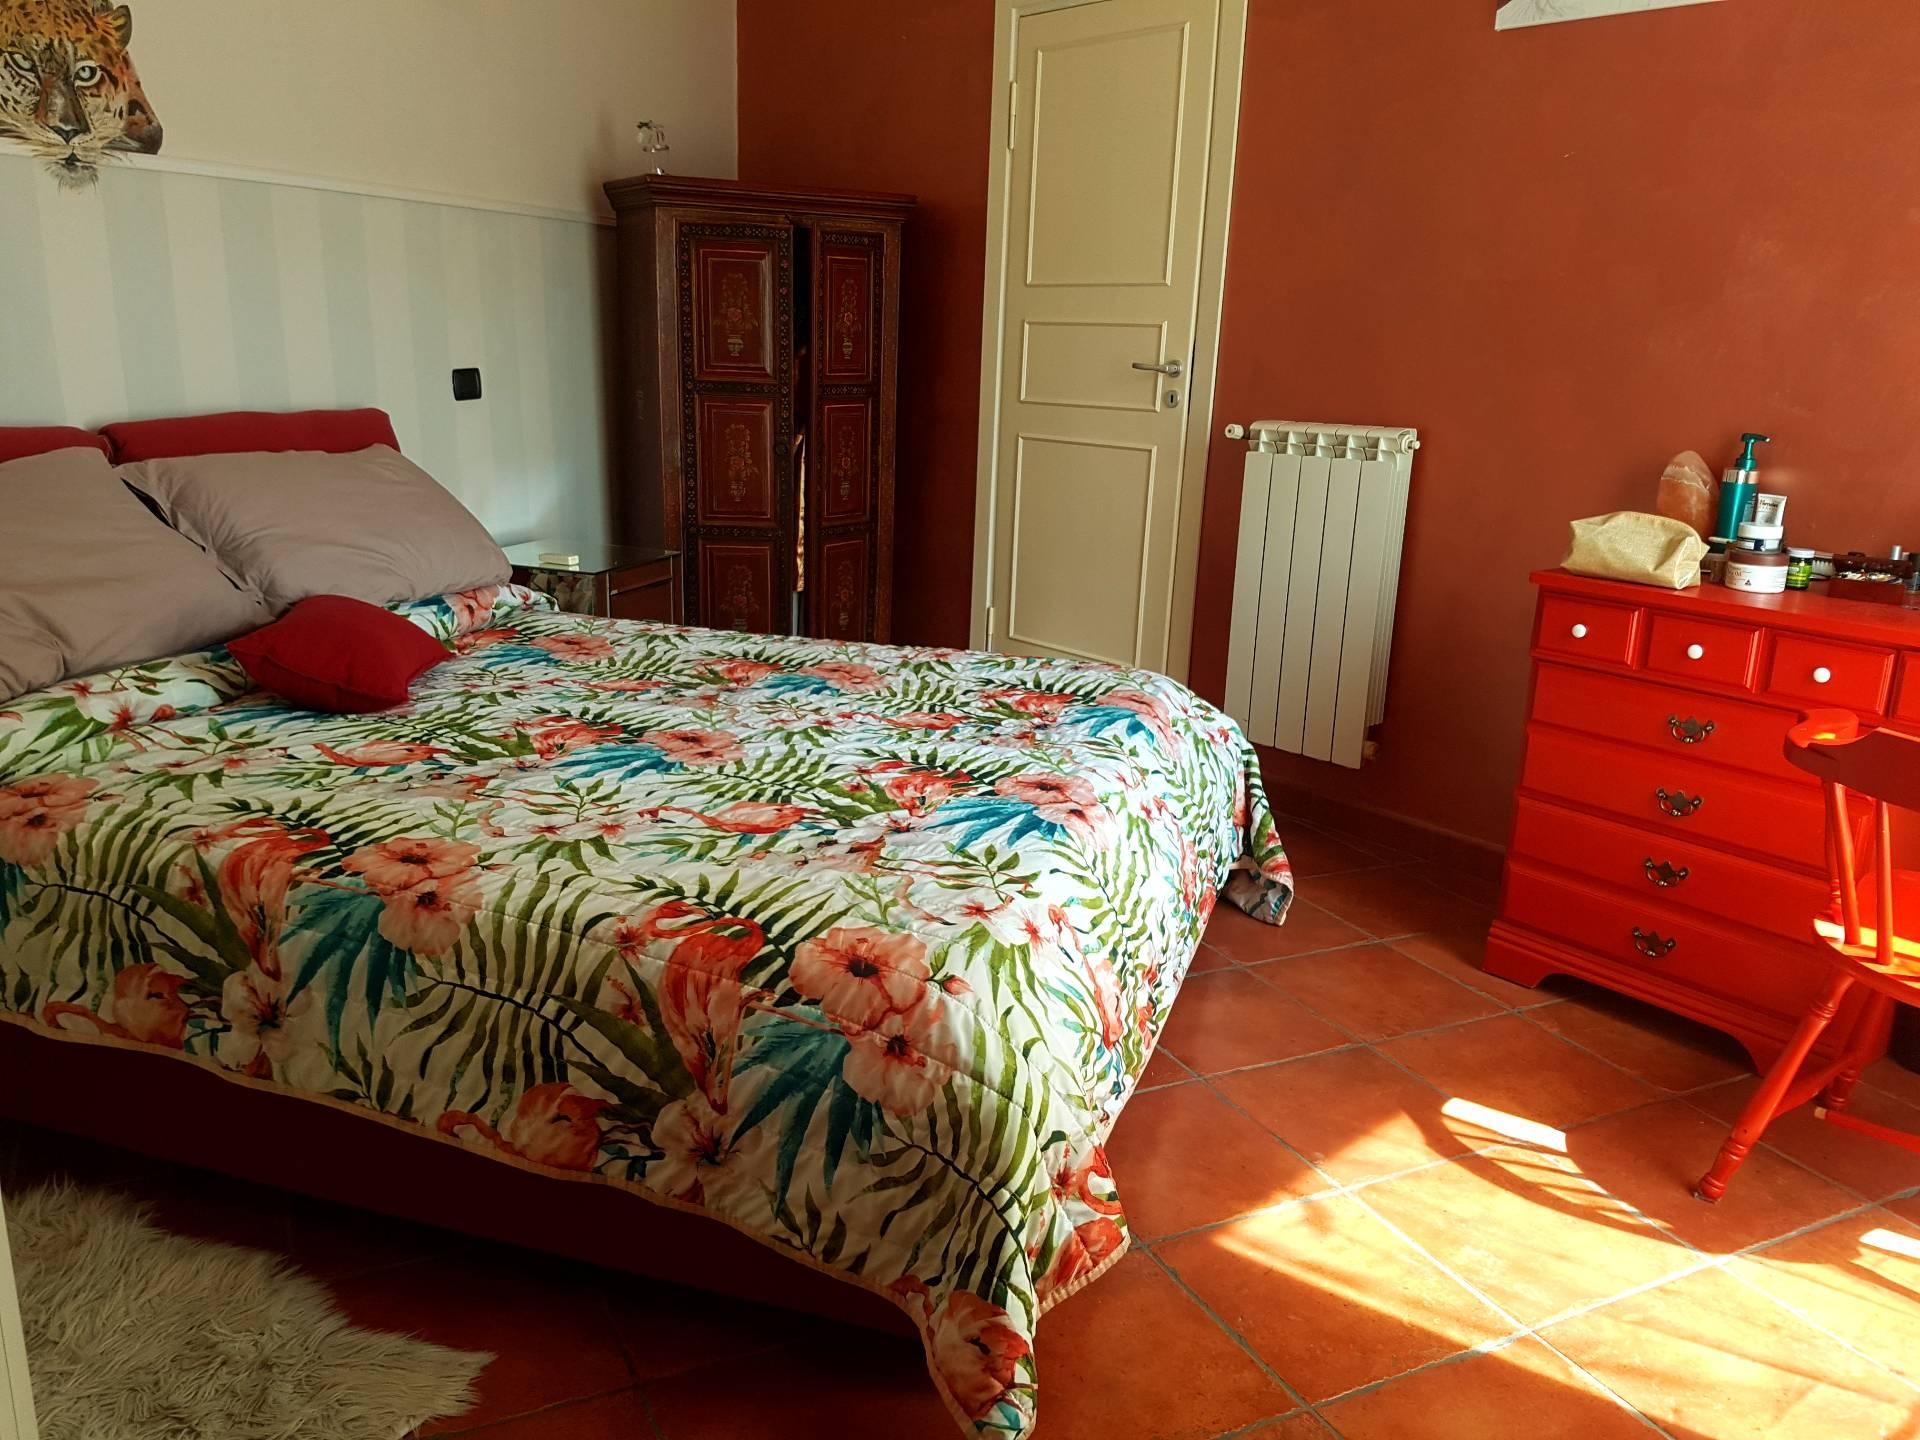 Appartamento in vendita a Viterbo, 4 locali, zona Zona: Centro, prezzo € 115.000   CambioCasa.it